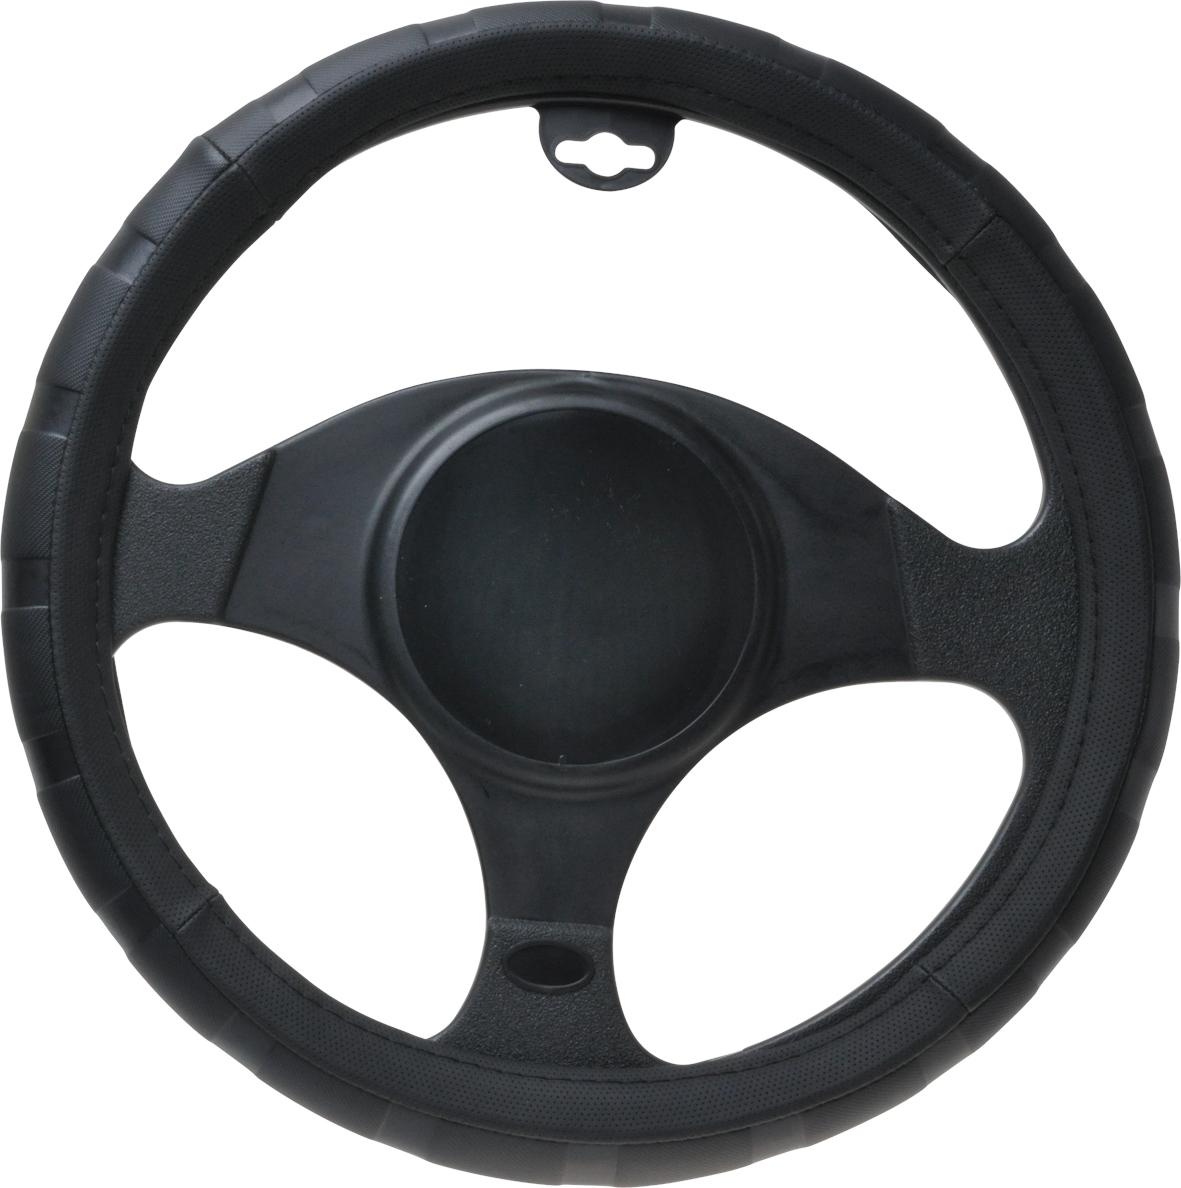 Stuurhoes zwart 37-39cm